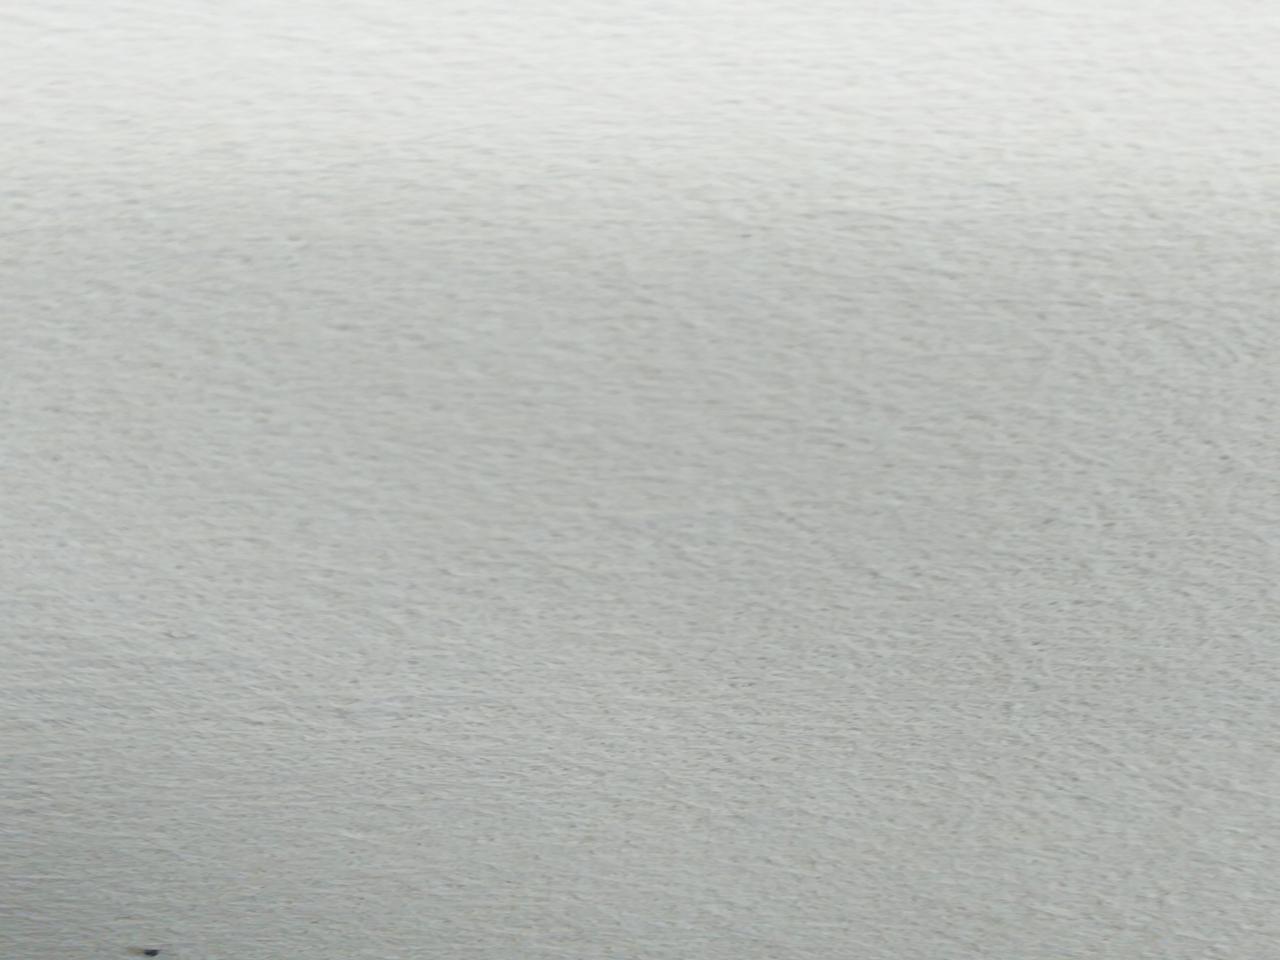 Бесшовные фотообои Штукатурка <nobr>890 р/м2</nobr>